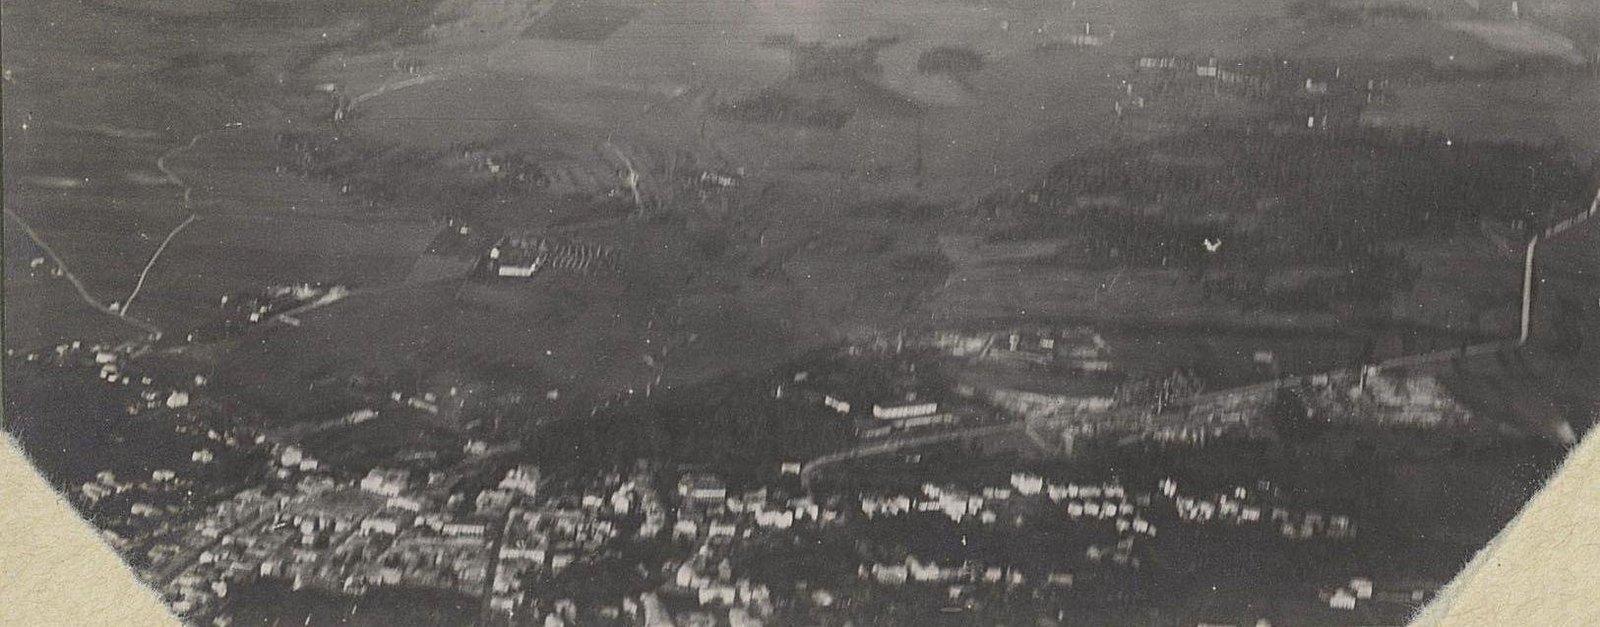 1914. Город Злочев, снятый с аэроплана. Дорога на Броды. Галиция